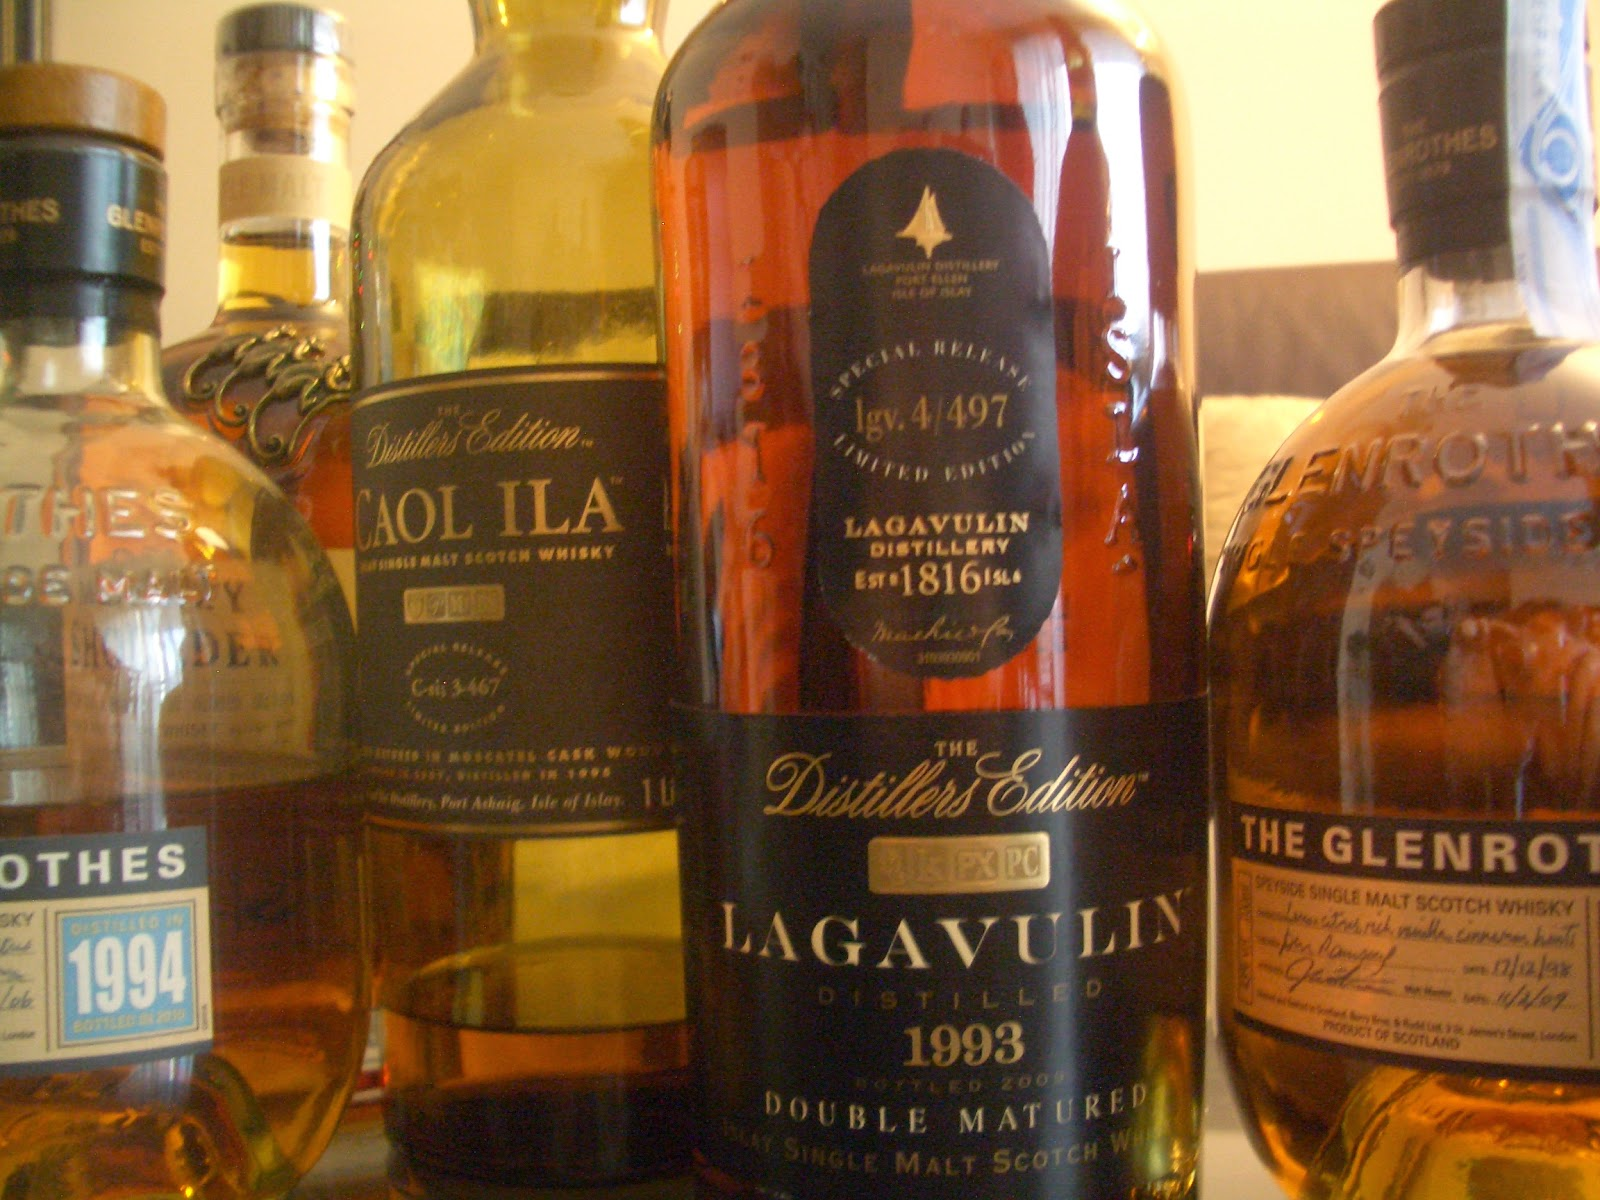 Introducción al Whisky - Whisky - güisqui - RAE - The Glenrothes - Caol Ila - Lagavulin - Monkey Shoulder - Álvaro García - alvarogp - el gastrónomo - el troblogdita